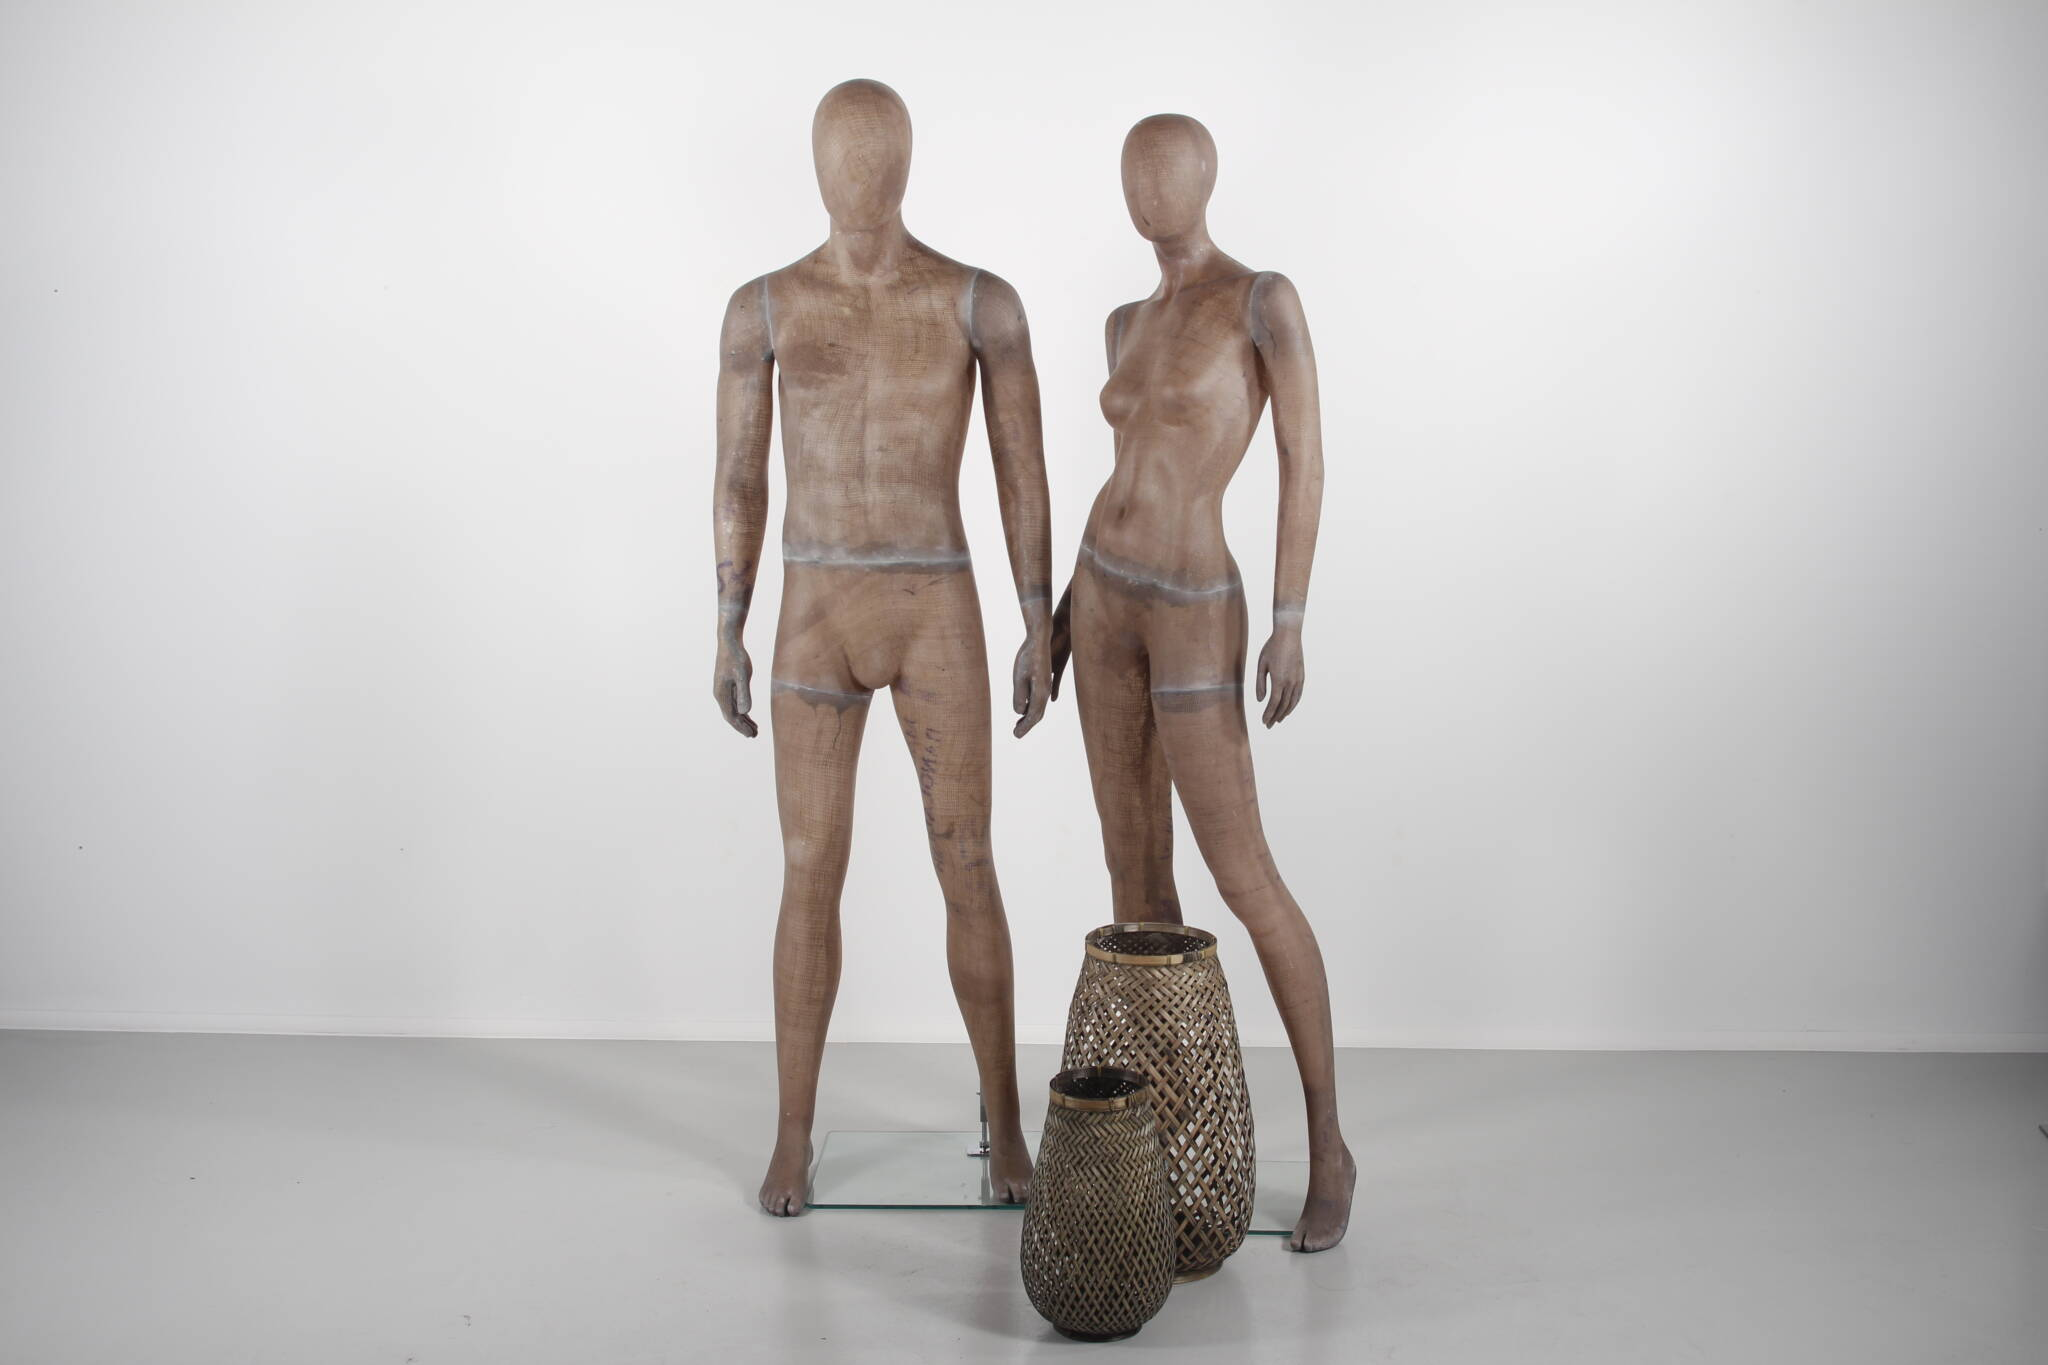 bæredygtige mannequiner - urban style